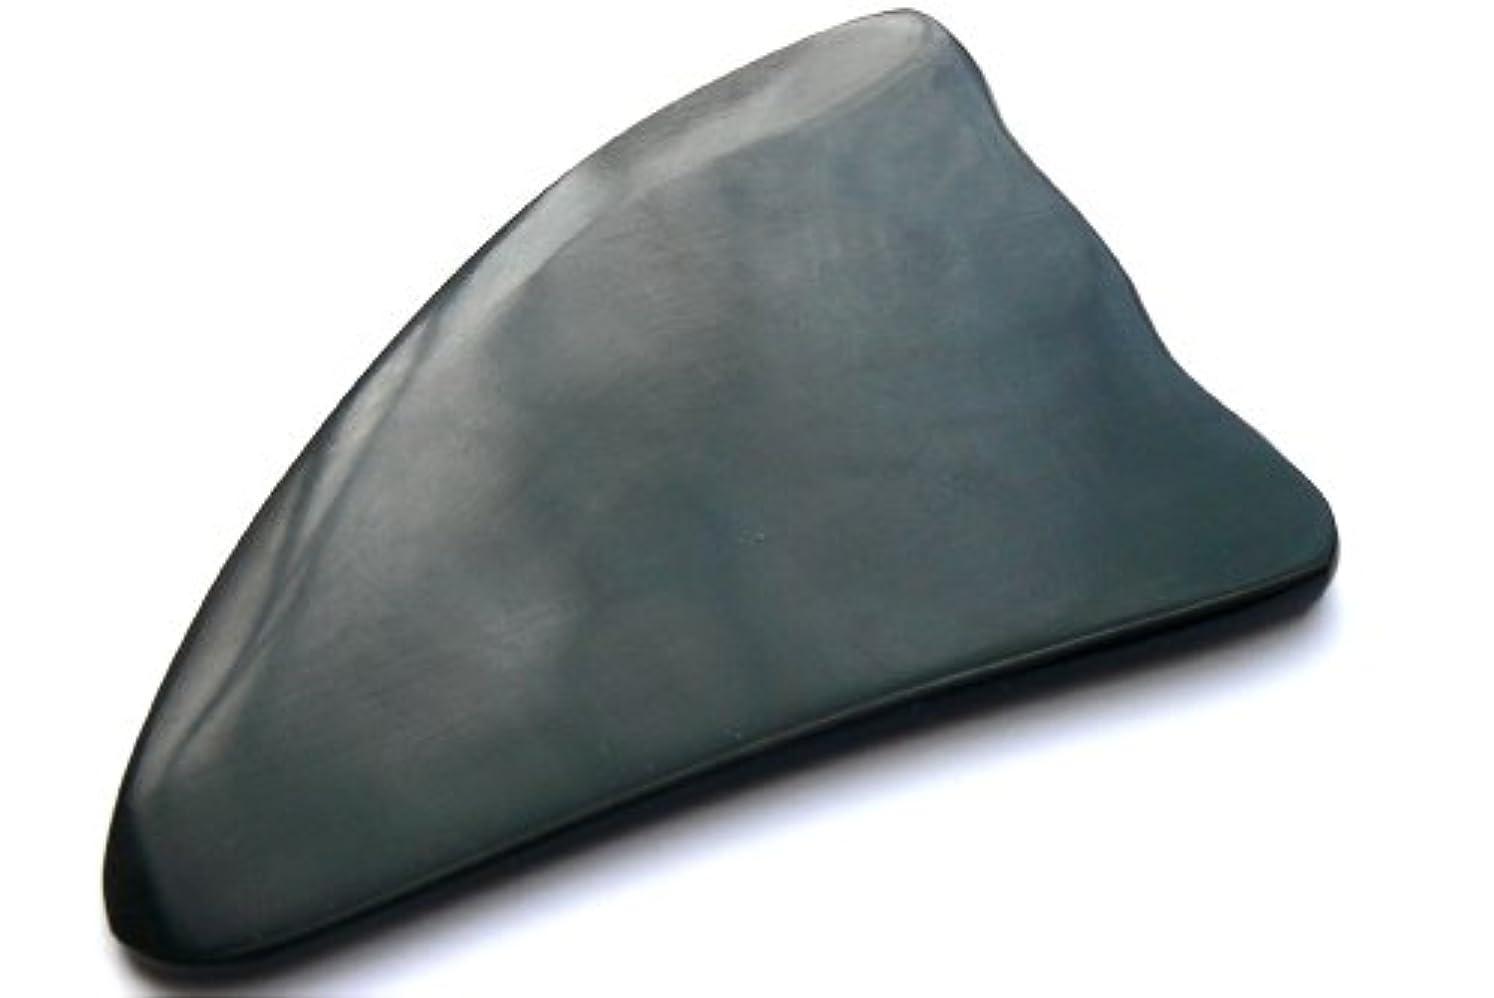 取り付けオーバーコート慢性的かっさ板、美容、刮莎板、グアシャ板,水牛角製